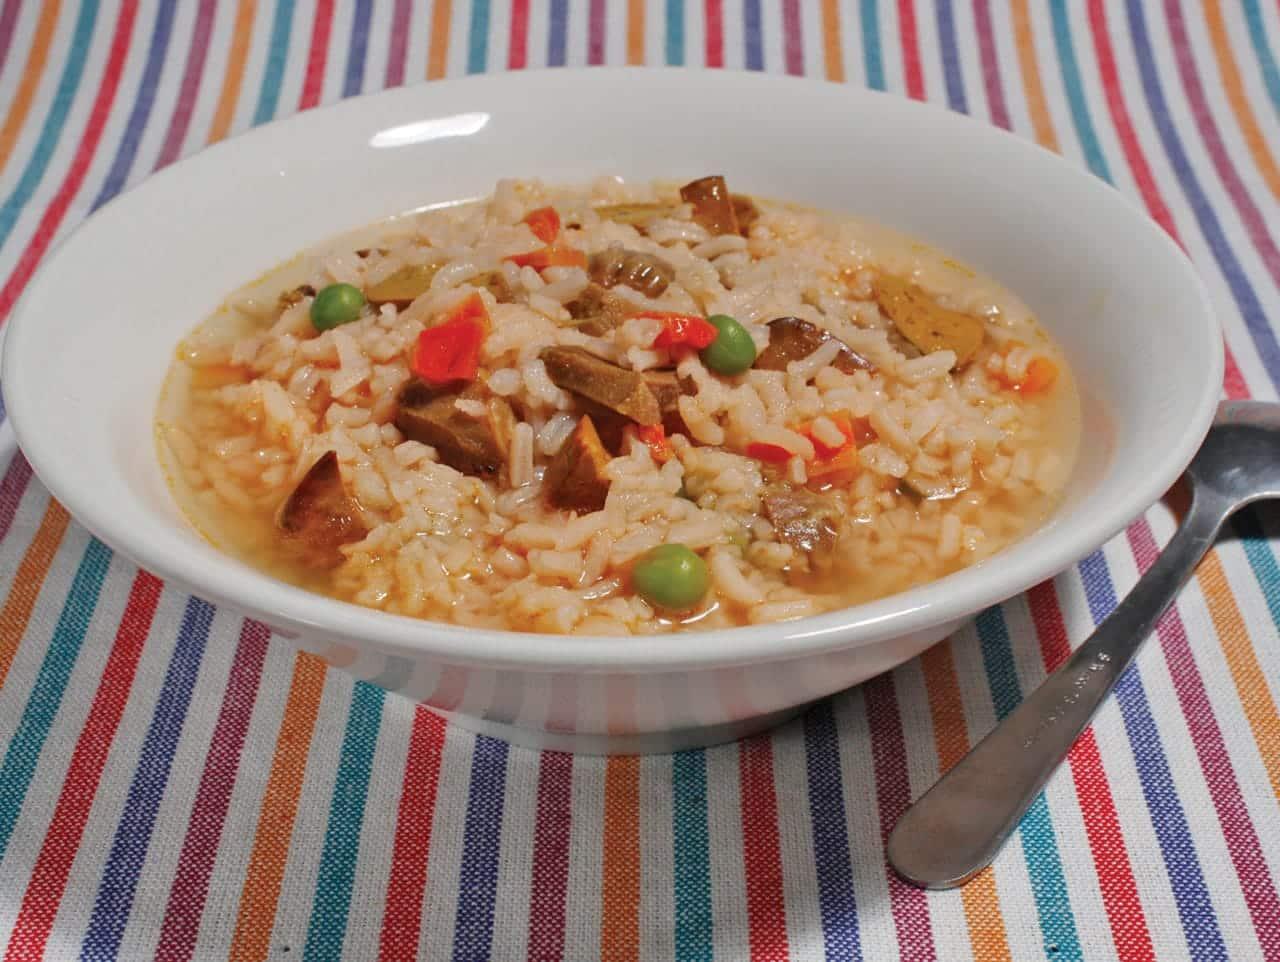 Foto: Sopa de arroz costeña. (Archivo Gráfico Larousse).